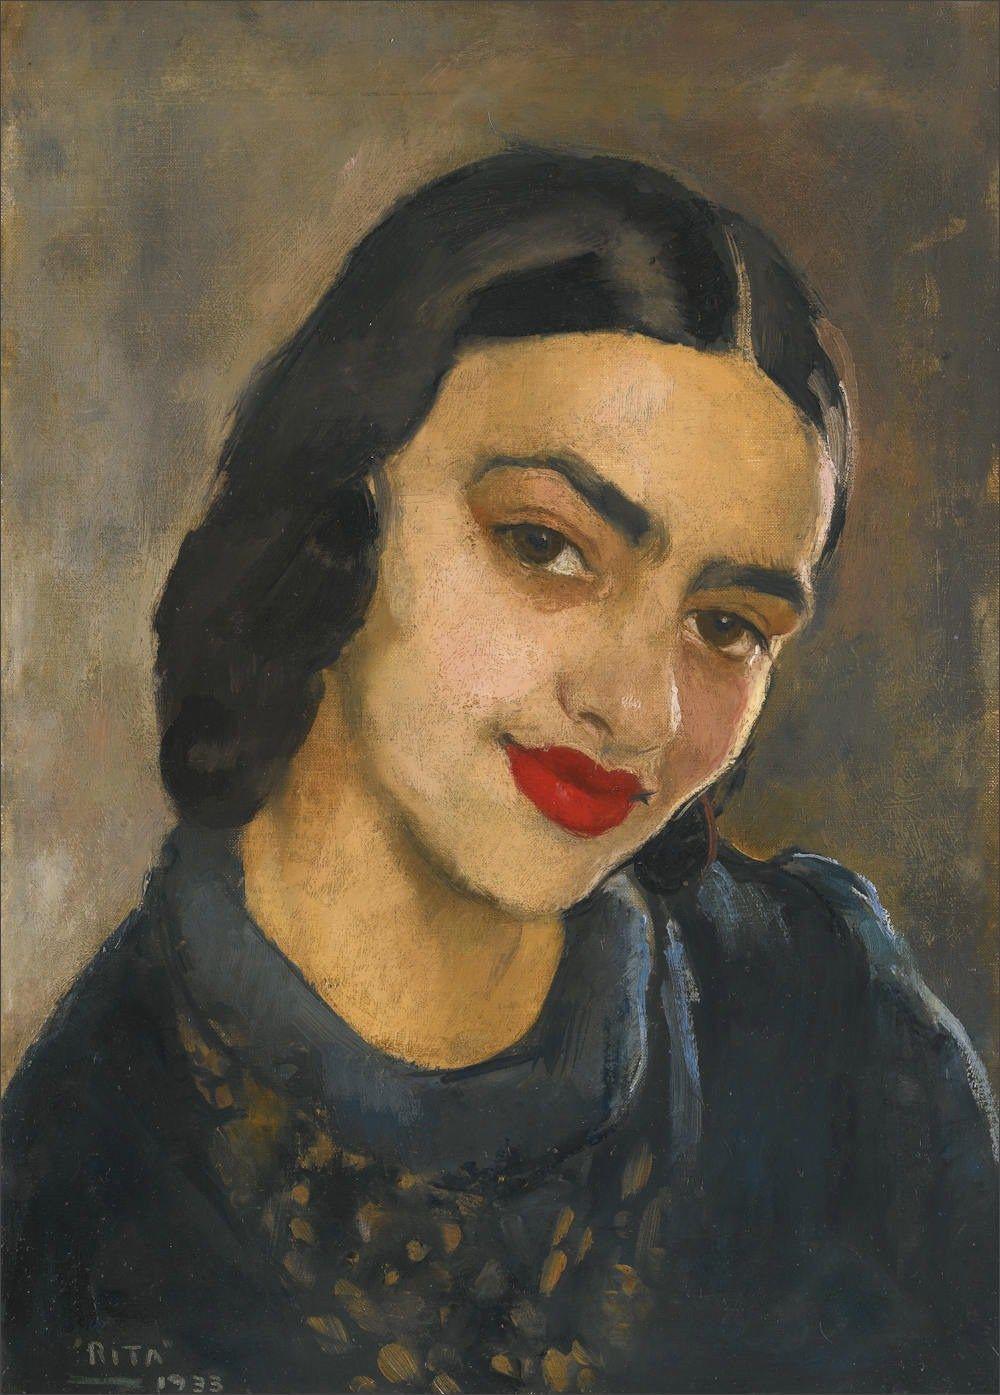 Amrita sher gil · self portrait · 1933 · private collection